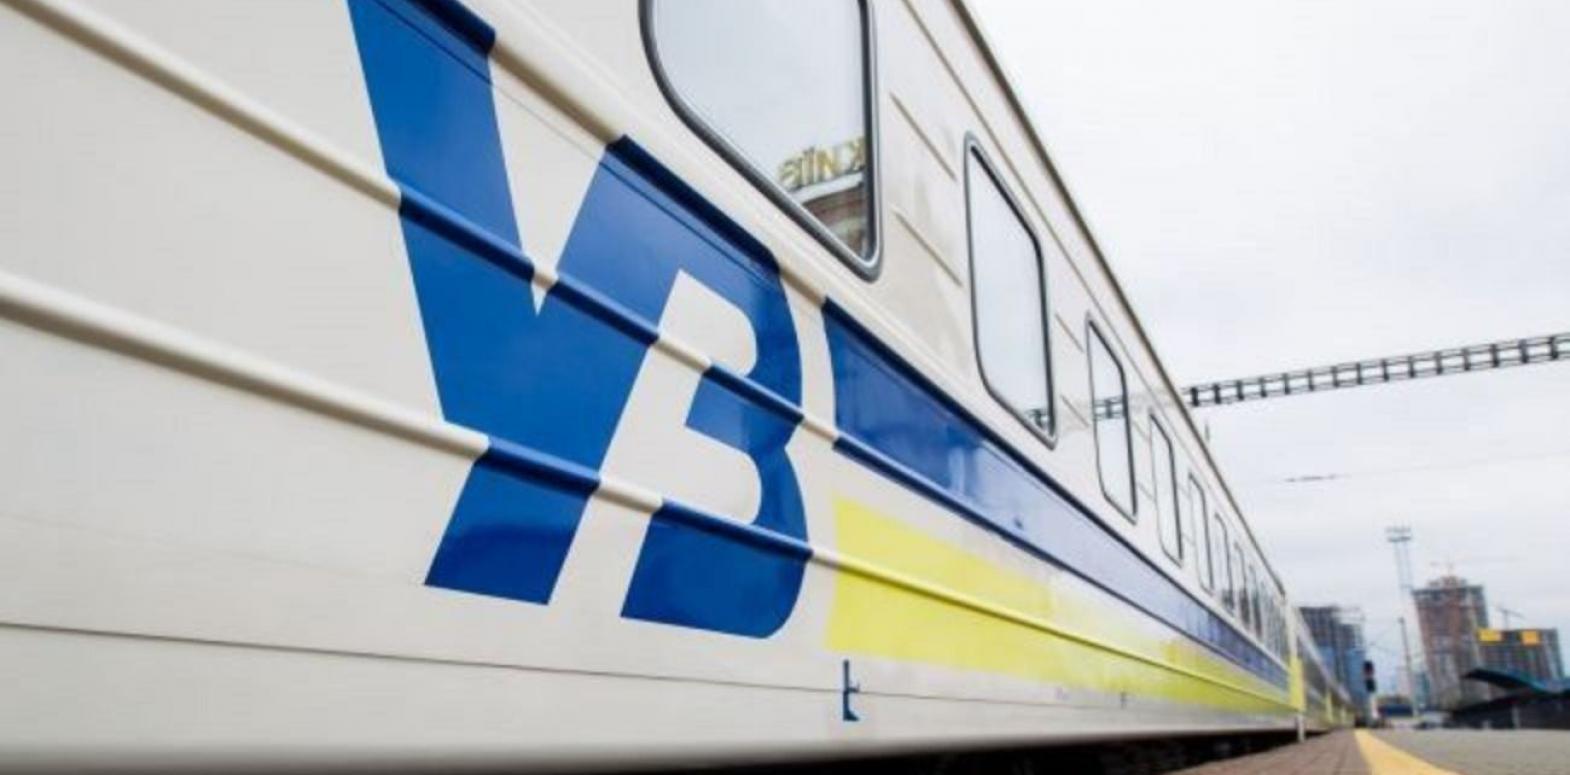 Бизнес призывает МИУ отказаться от повышения тарифов на железнодорожные перевозки, - АСС Ukraine